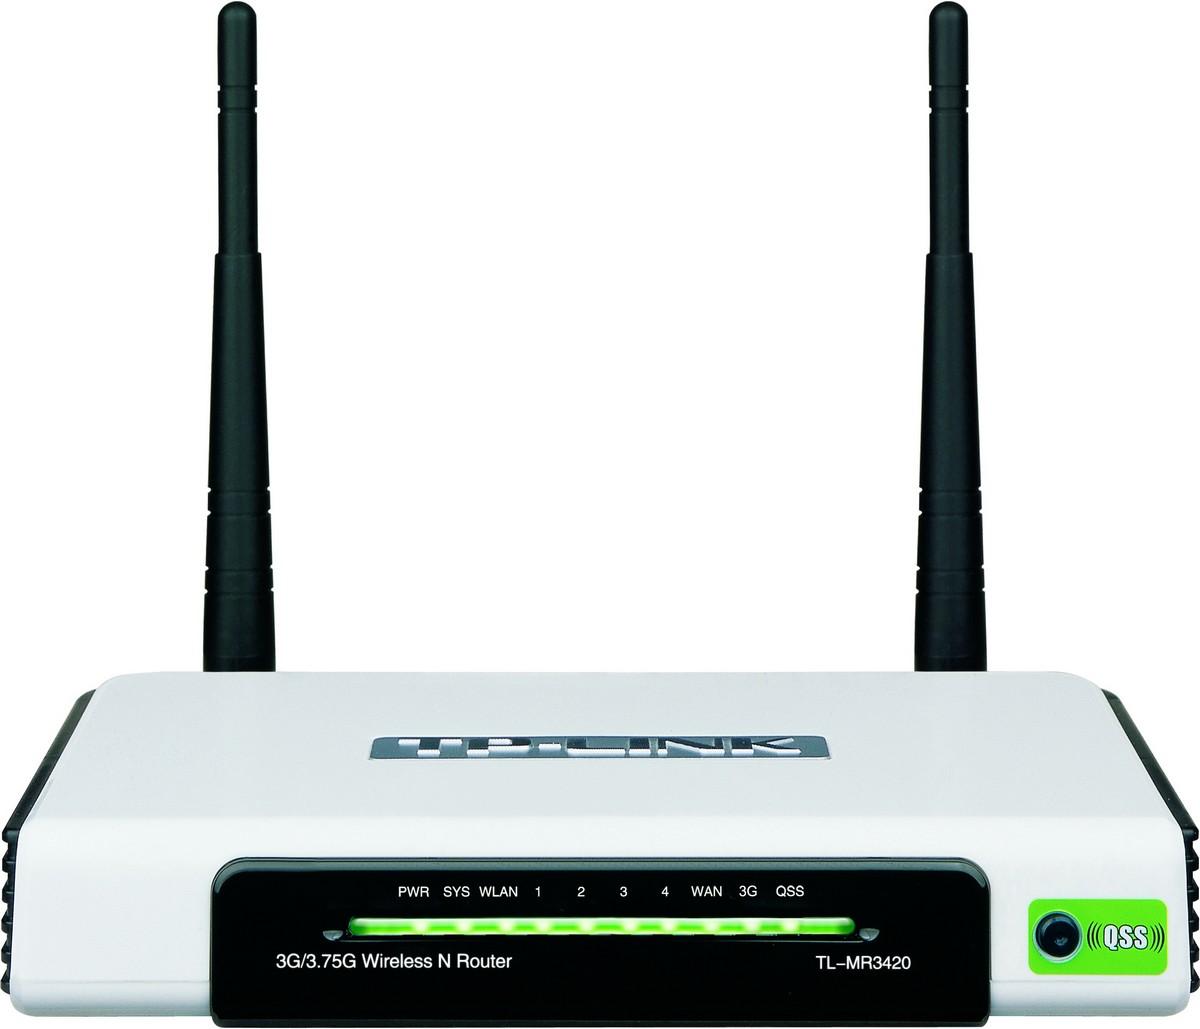 WLAN-/UMTS-Router TL-MR3420 mit 300 MBit/s und automatischem ...